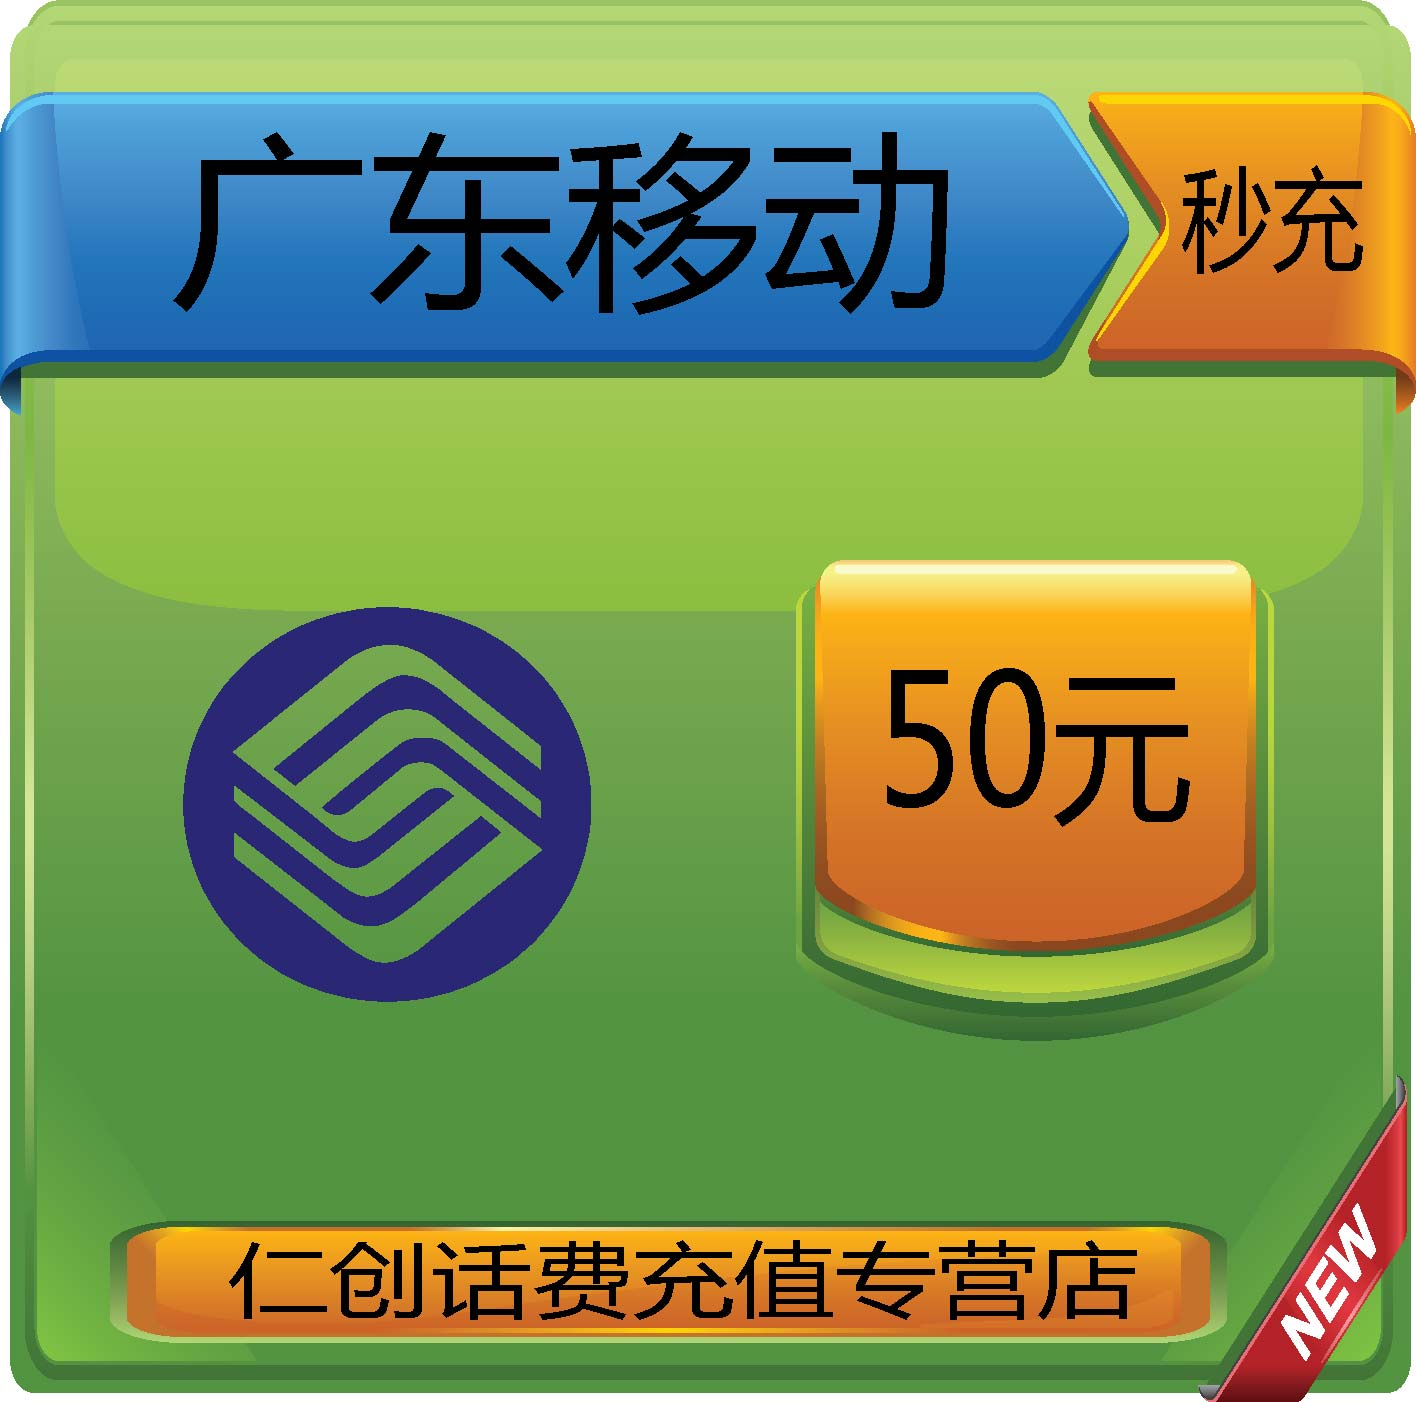 官方广东移动50元手机话费充值 自动直充即时到帐